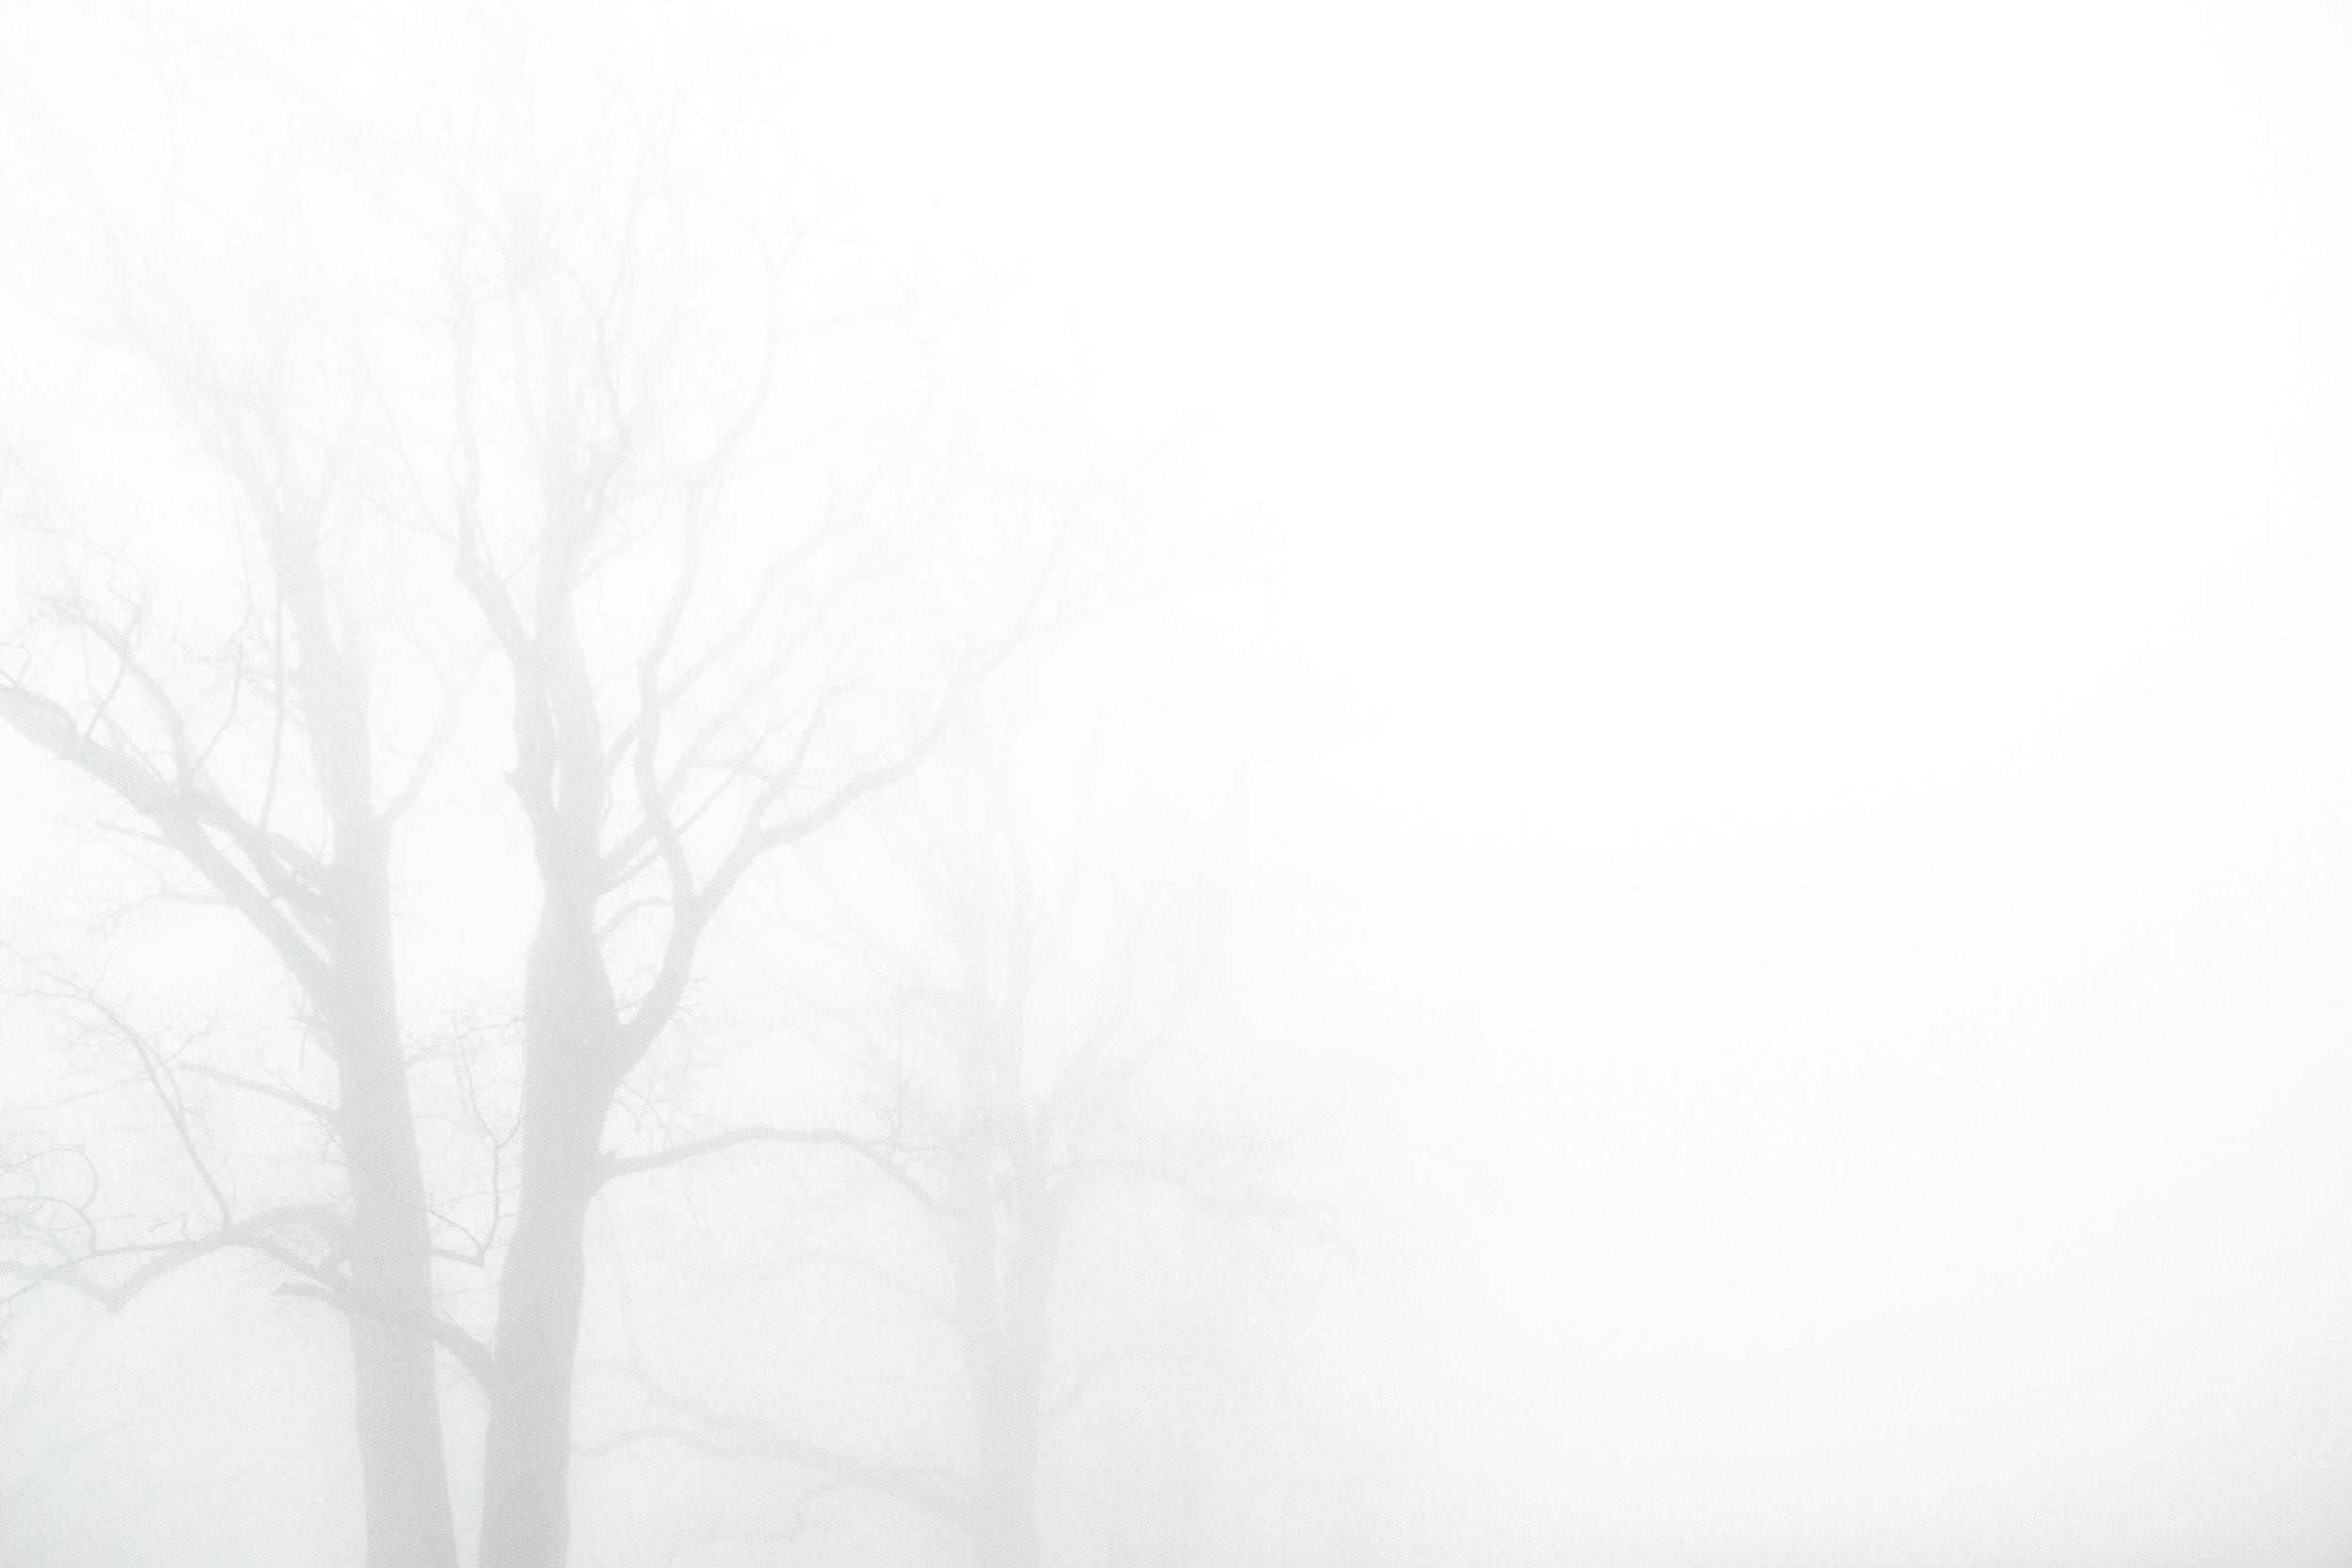 ghosttree1.jpg